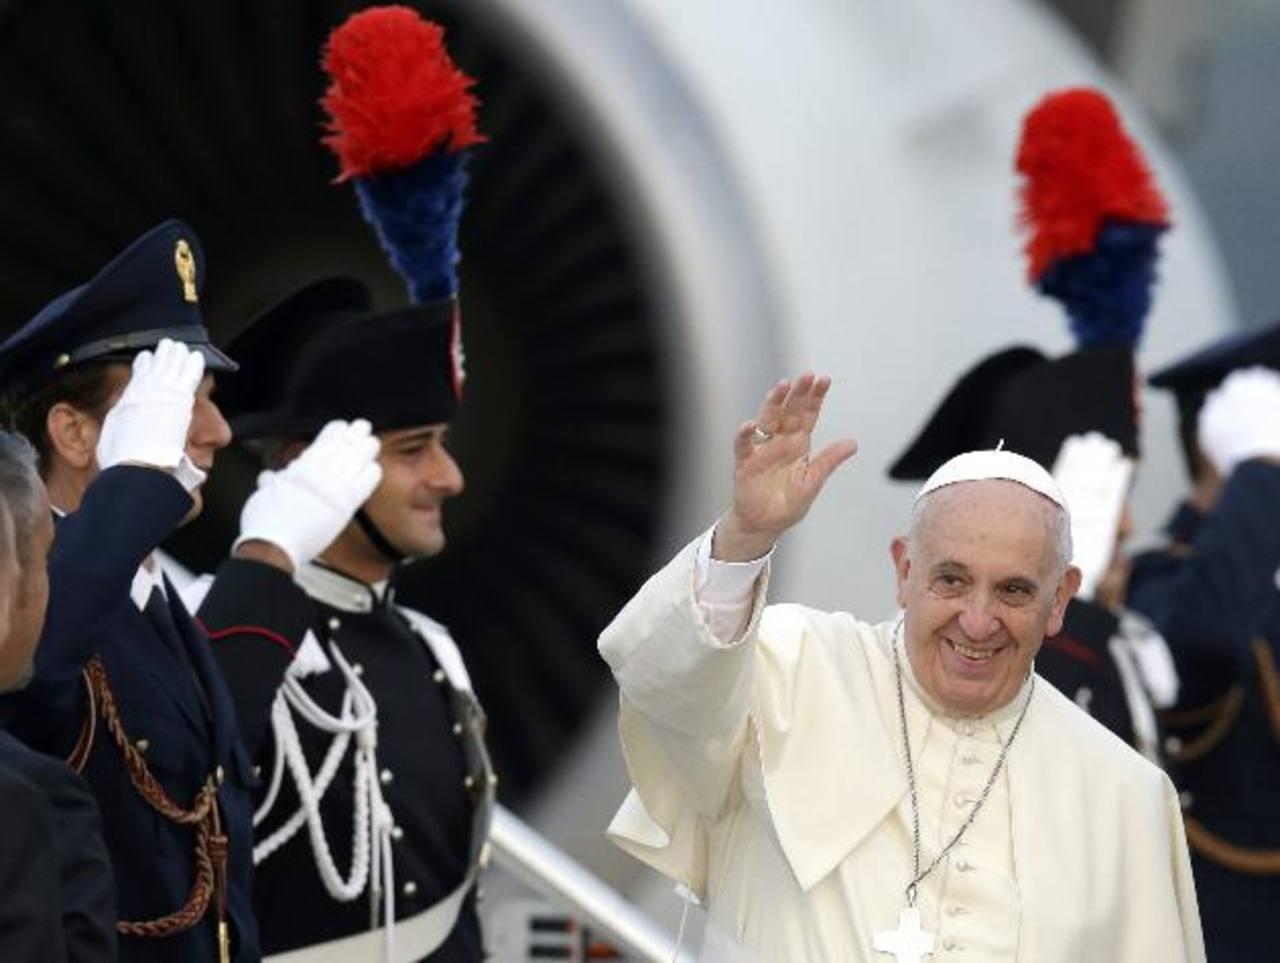 El Papa Francisco, antes de abordar el avión que lo llevó a Albania el domingo.